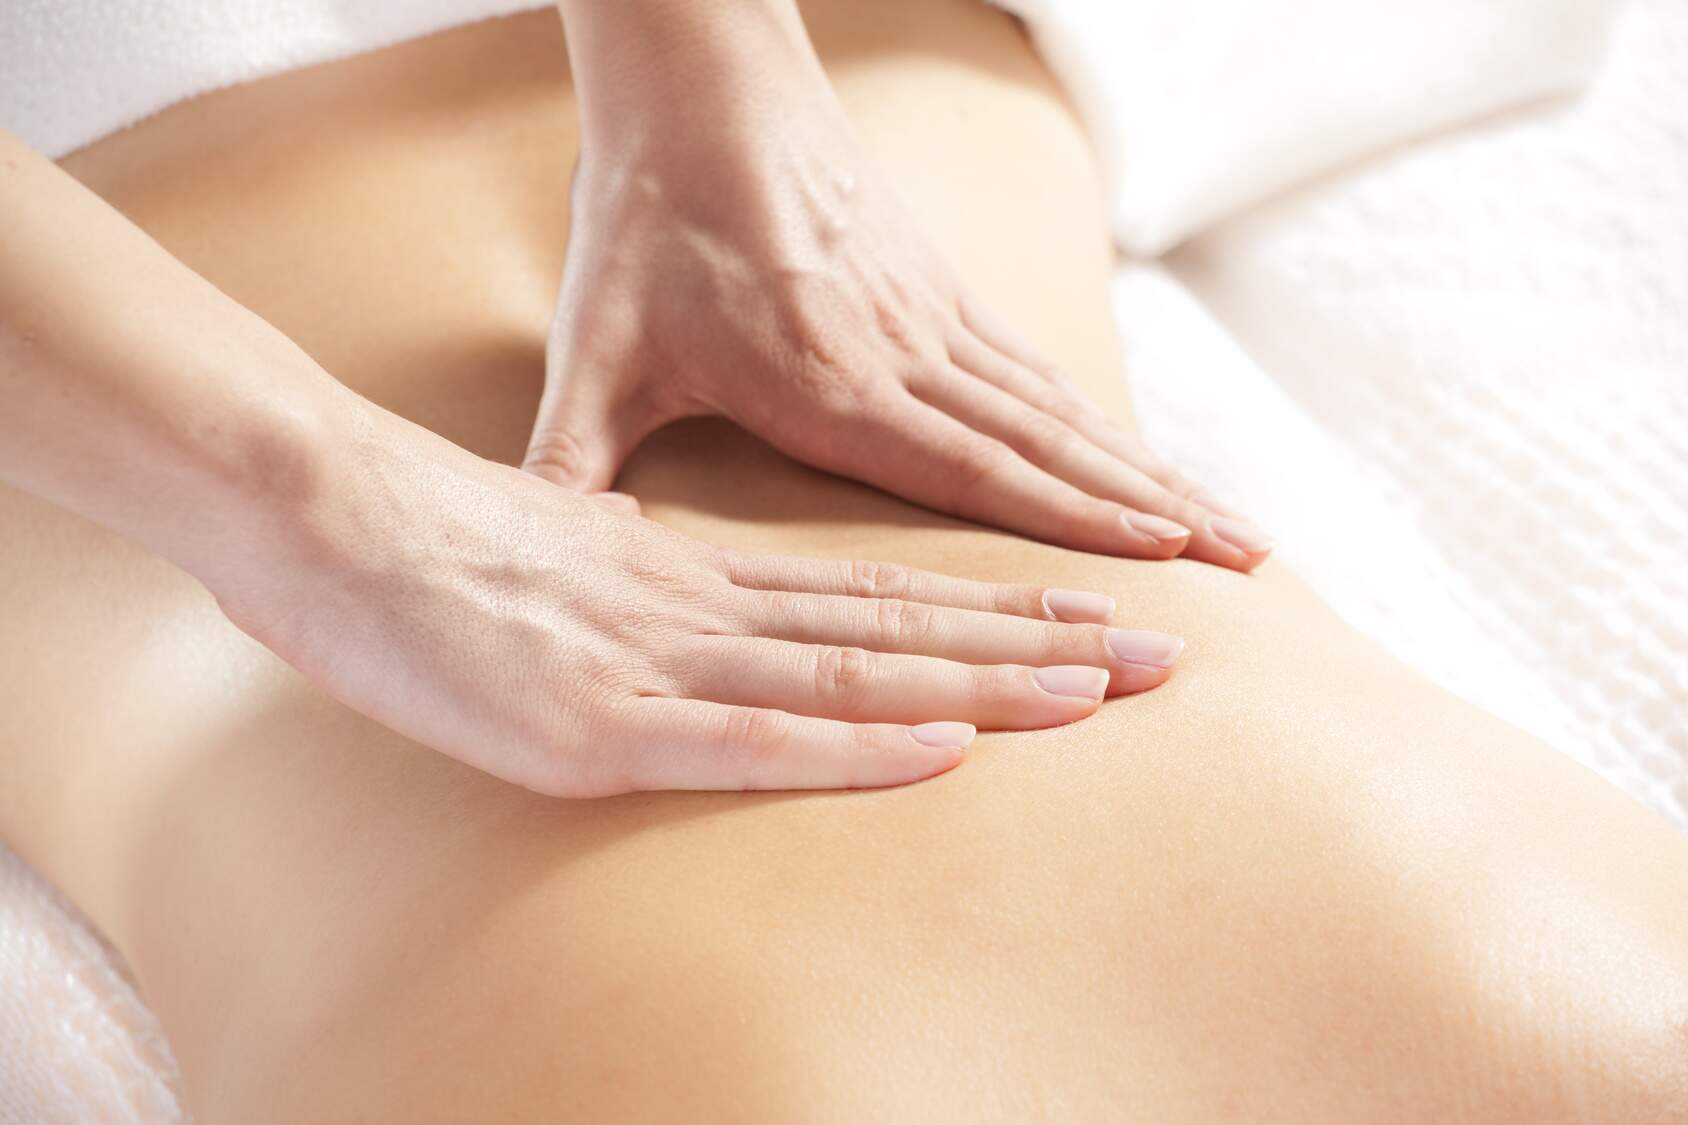 Sessões de Massagem Relaxante no Rio de Janeiro